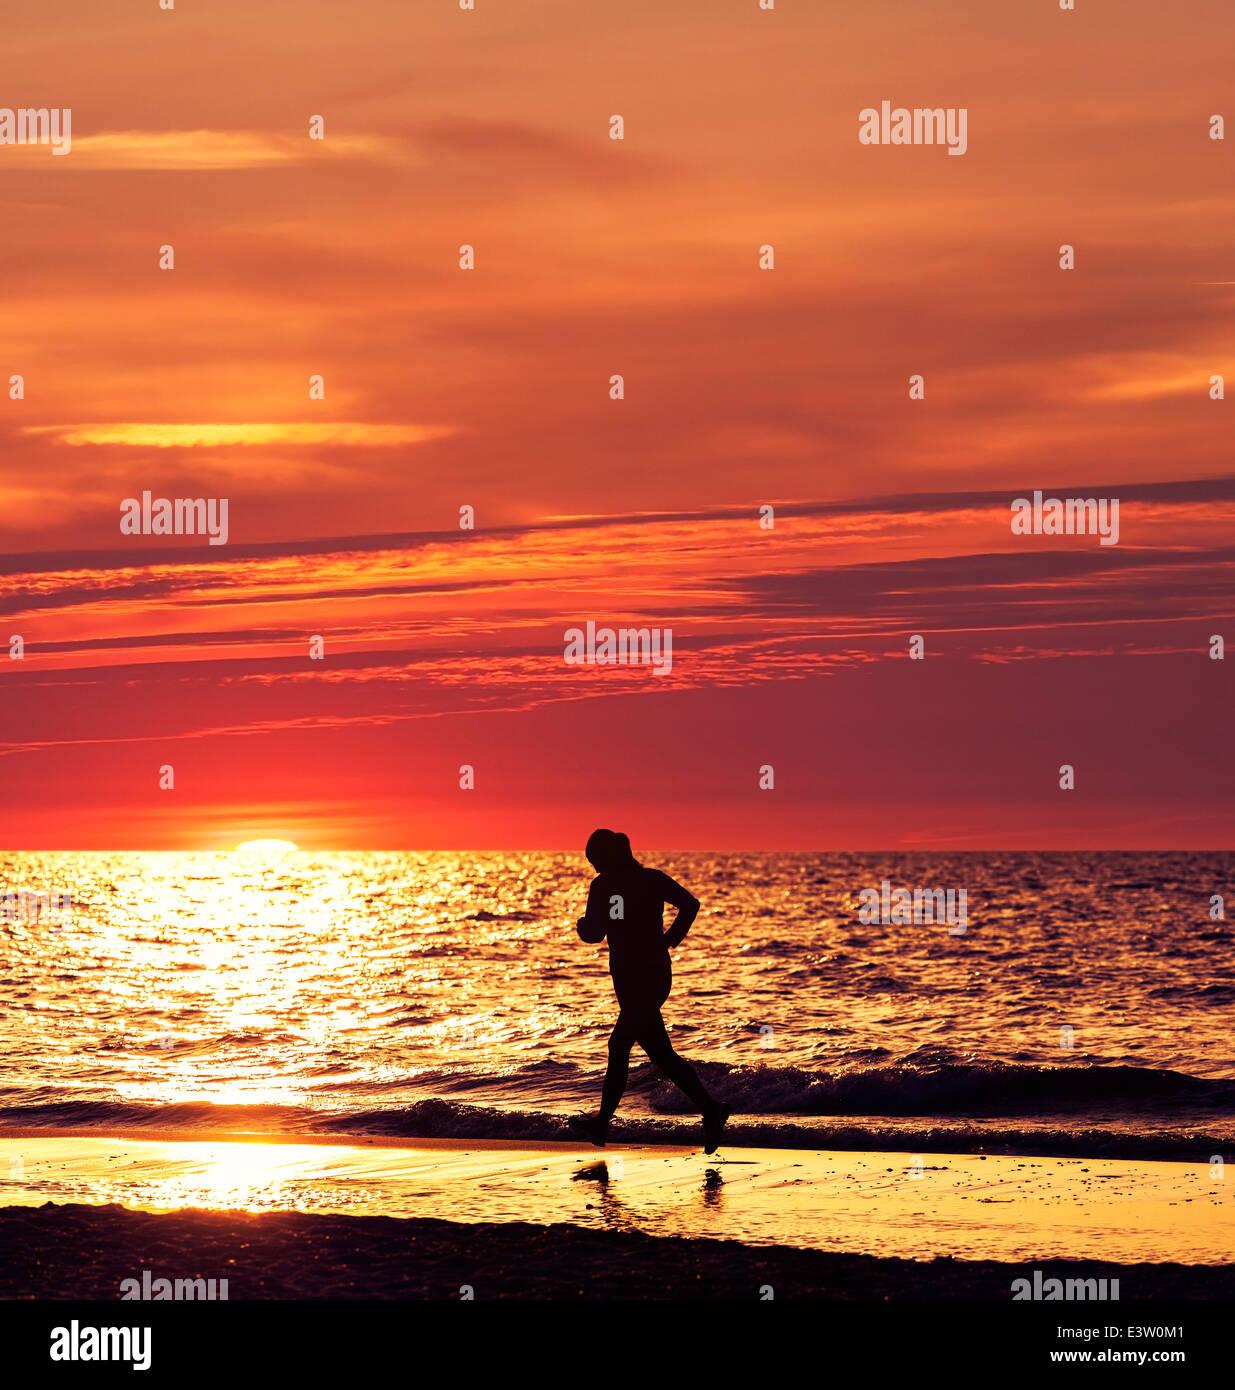 Donna acceso al bel tramonto in spiaggia. Immagini Stock